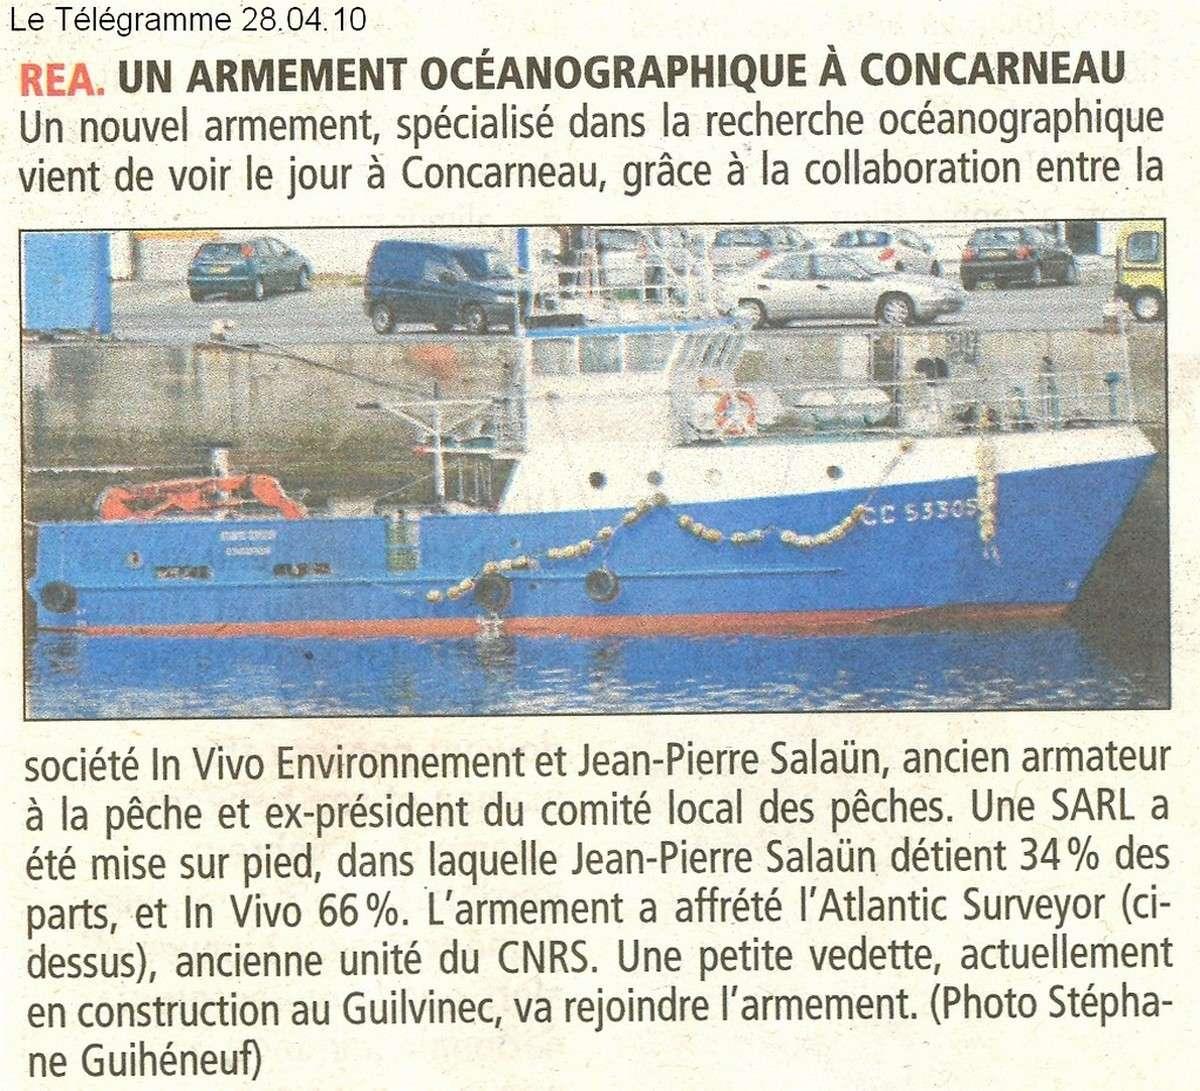 LE PORT DE CONCARNEAU - Volume 003 - Page 34 5404